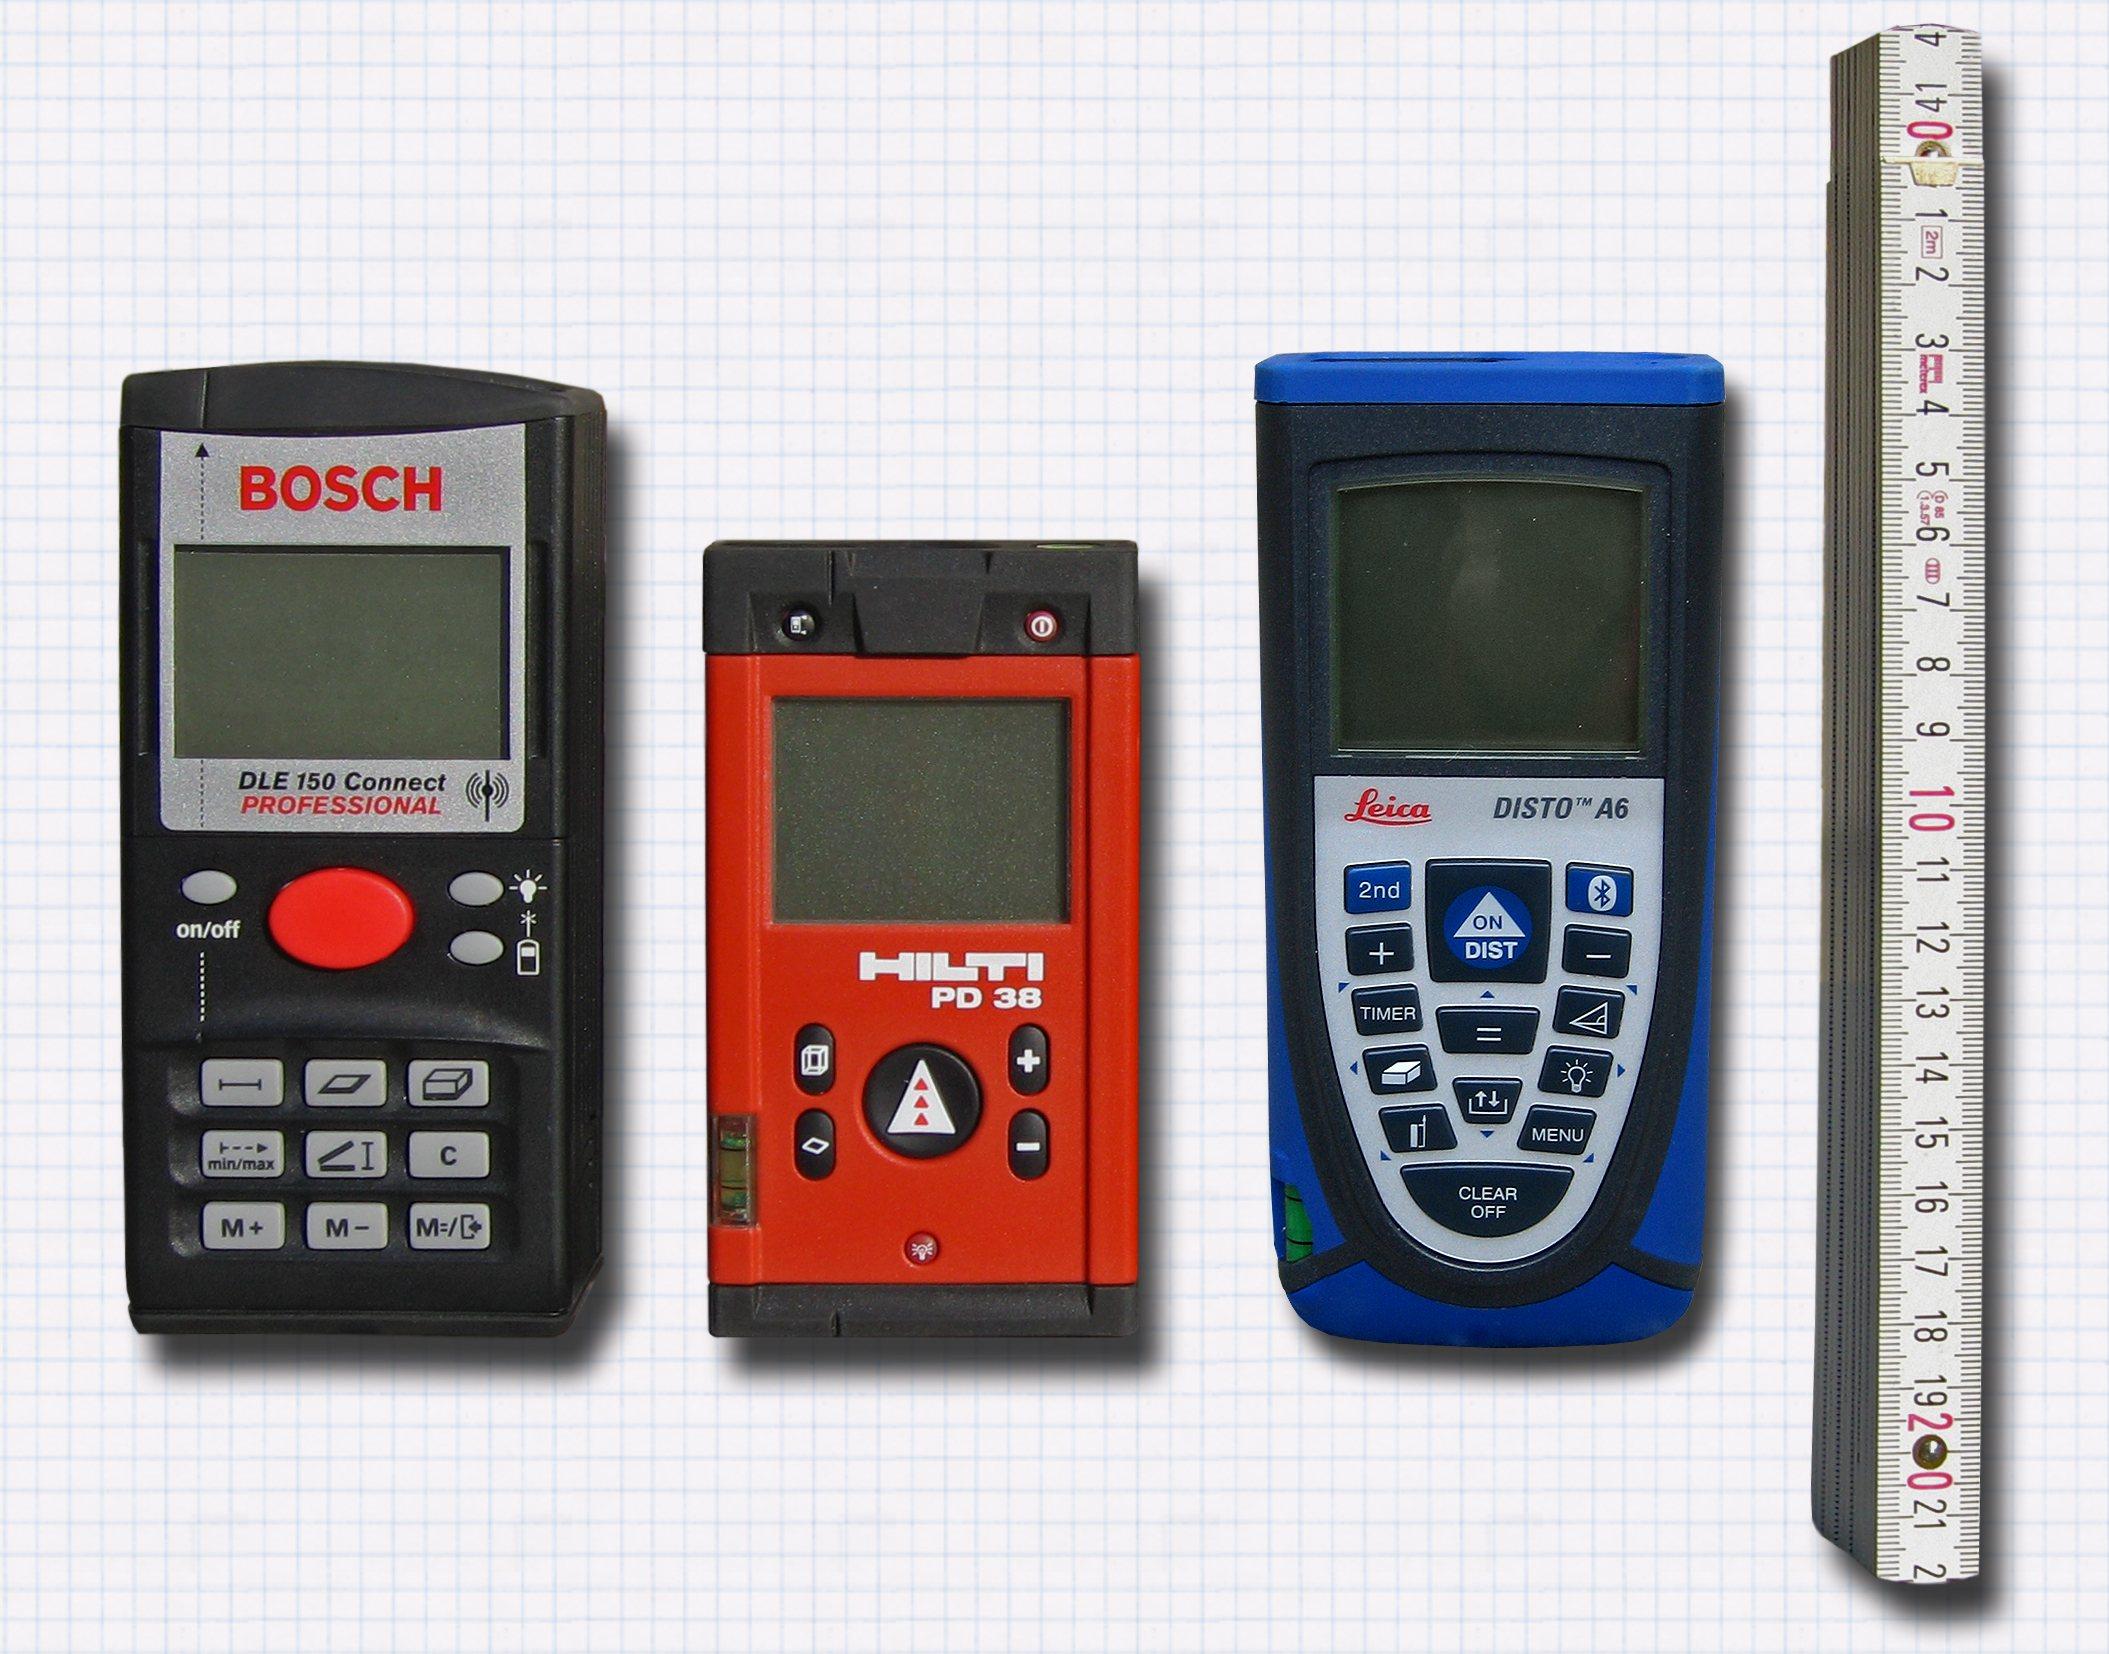 Bosch Entfernungsmesser Dle 150 : Bosch entfernungsmesser dle laser zamo